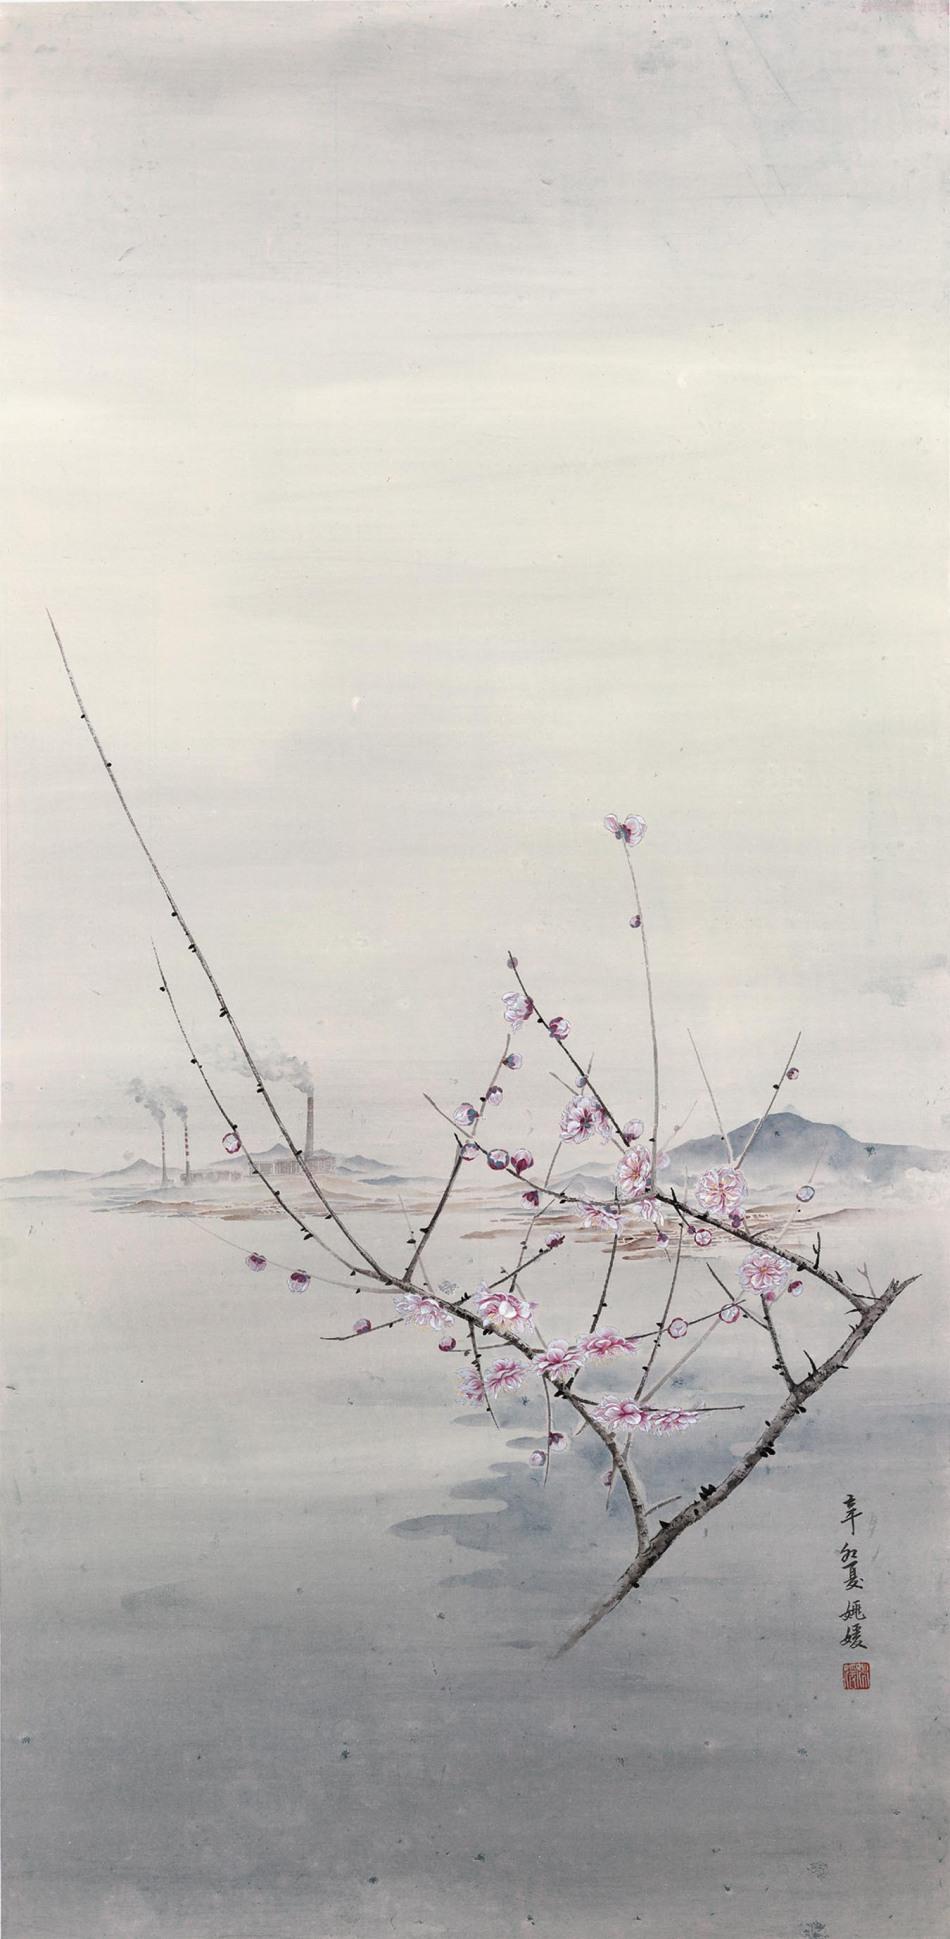 姚媛 姚媛路上的风景之三66cmx132cm2011年